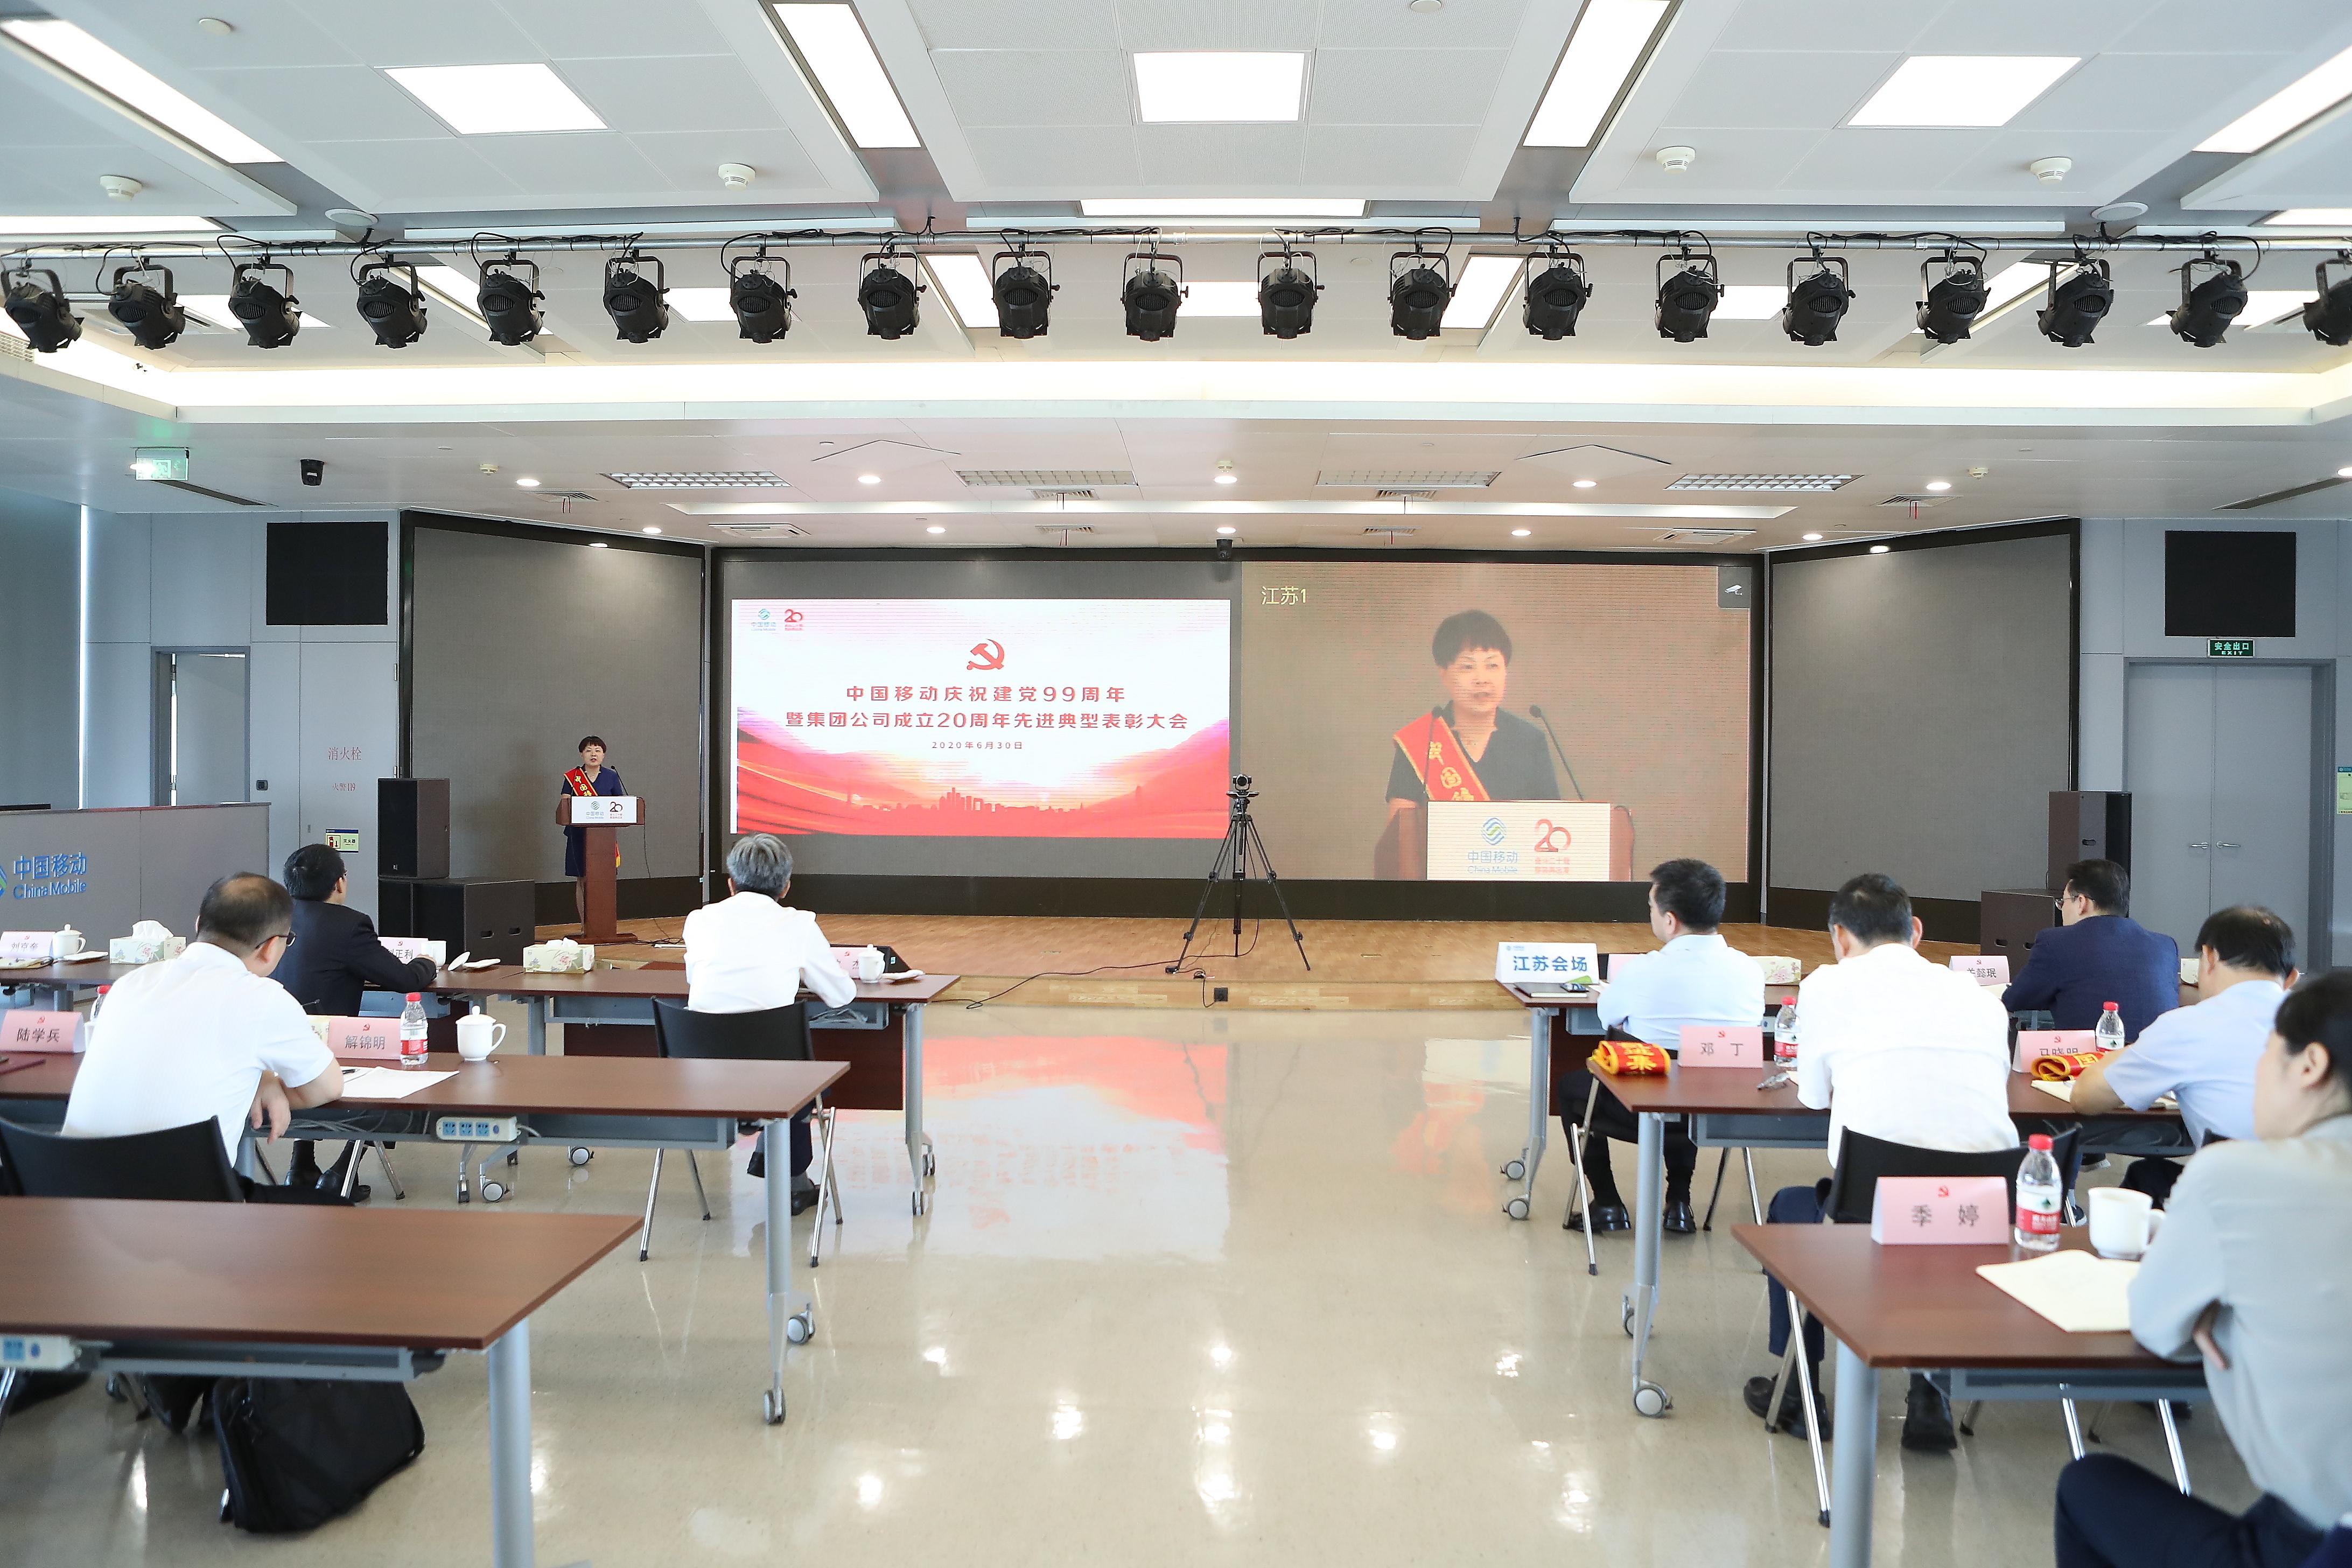 6月30日,陈姗姗在中国移动庆祝建党99周年暨集团公司成立20周年先进典型表彰大会上作事迹报告。